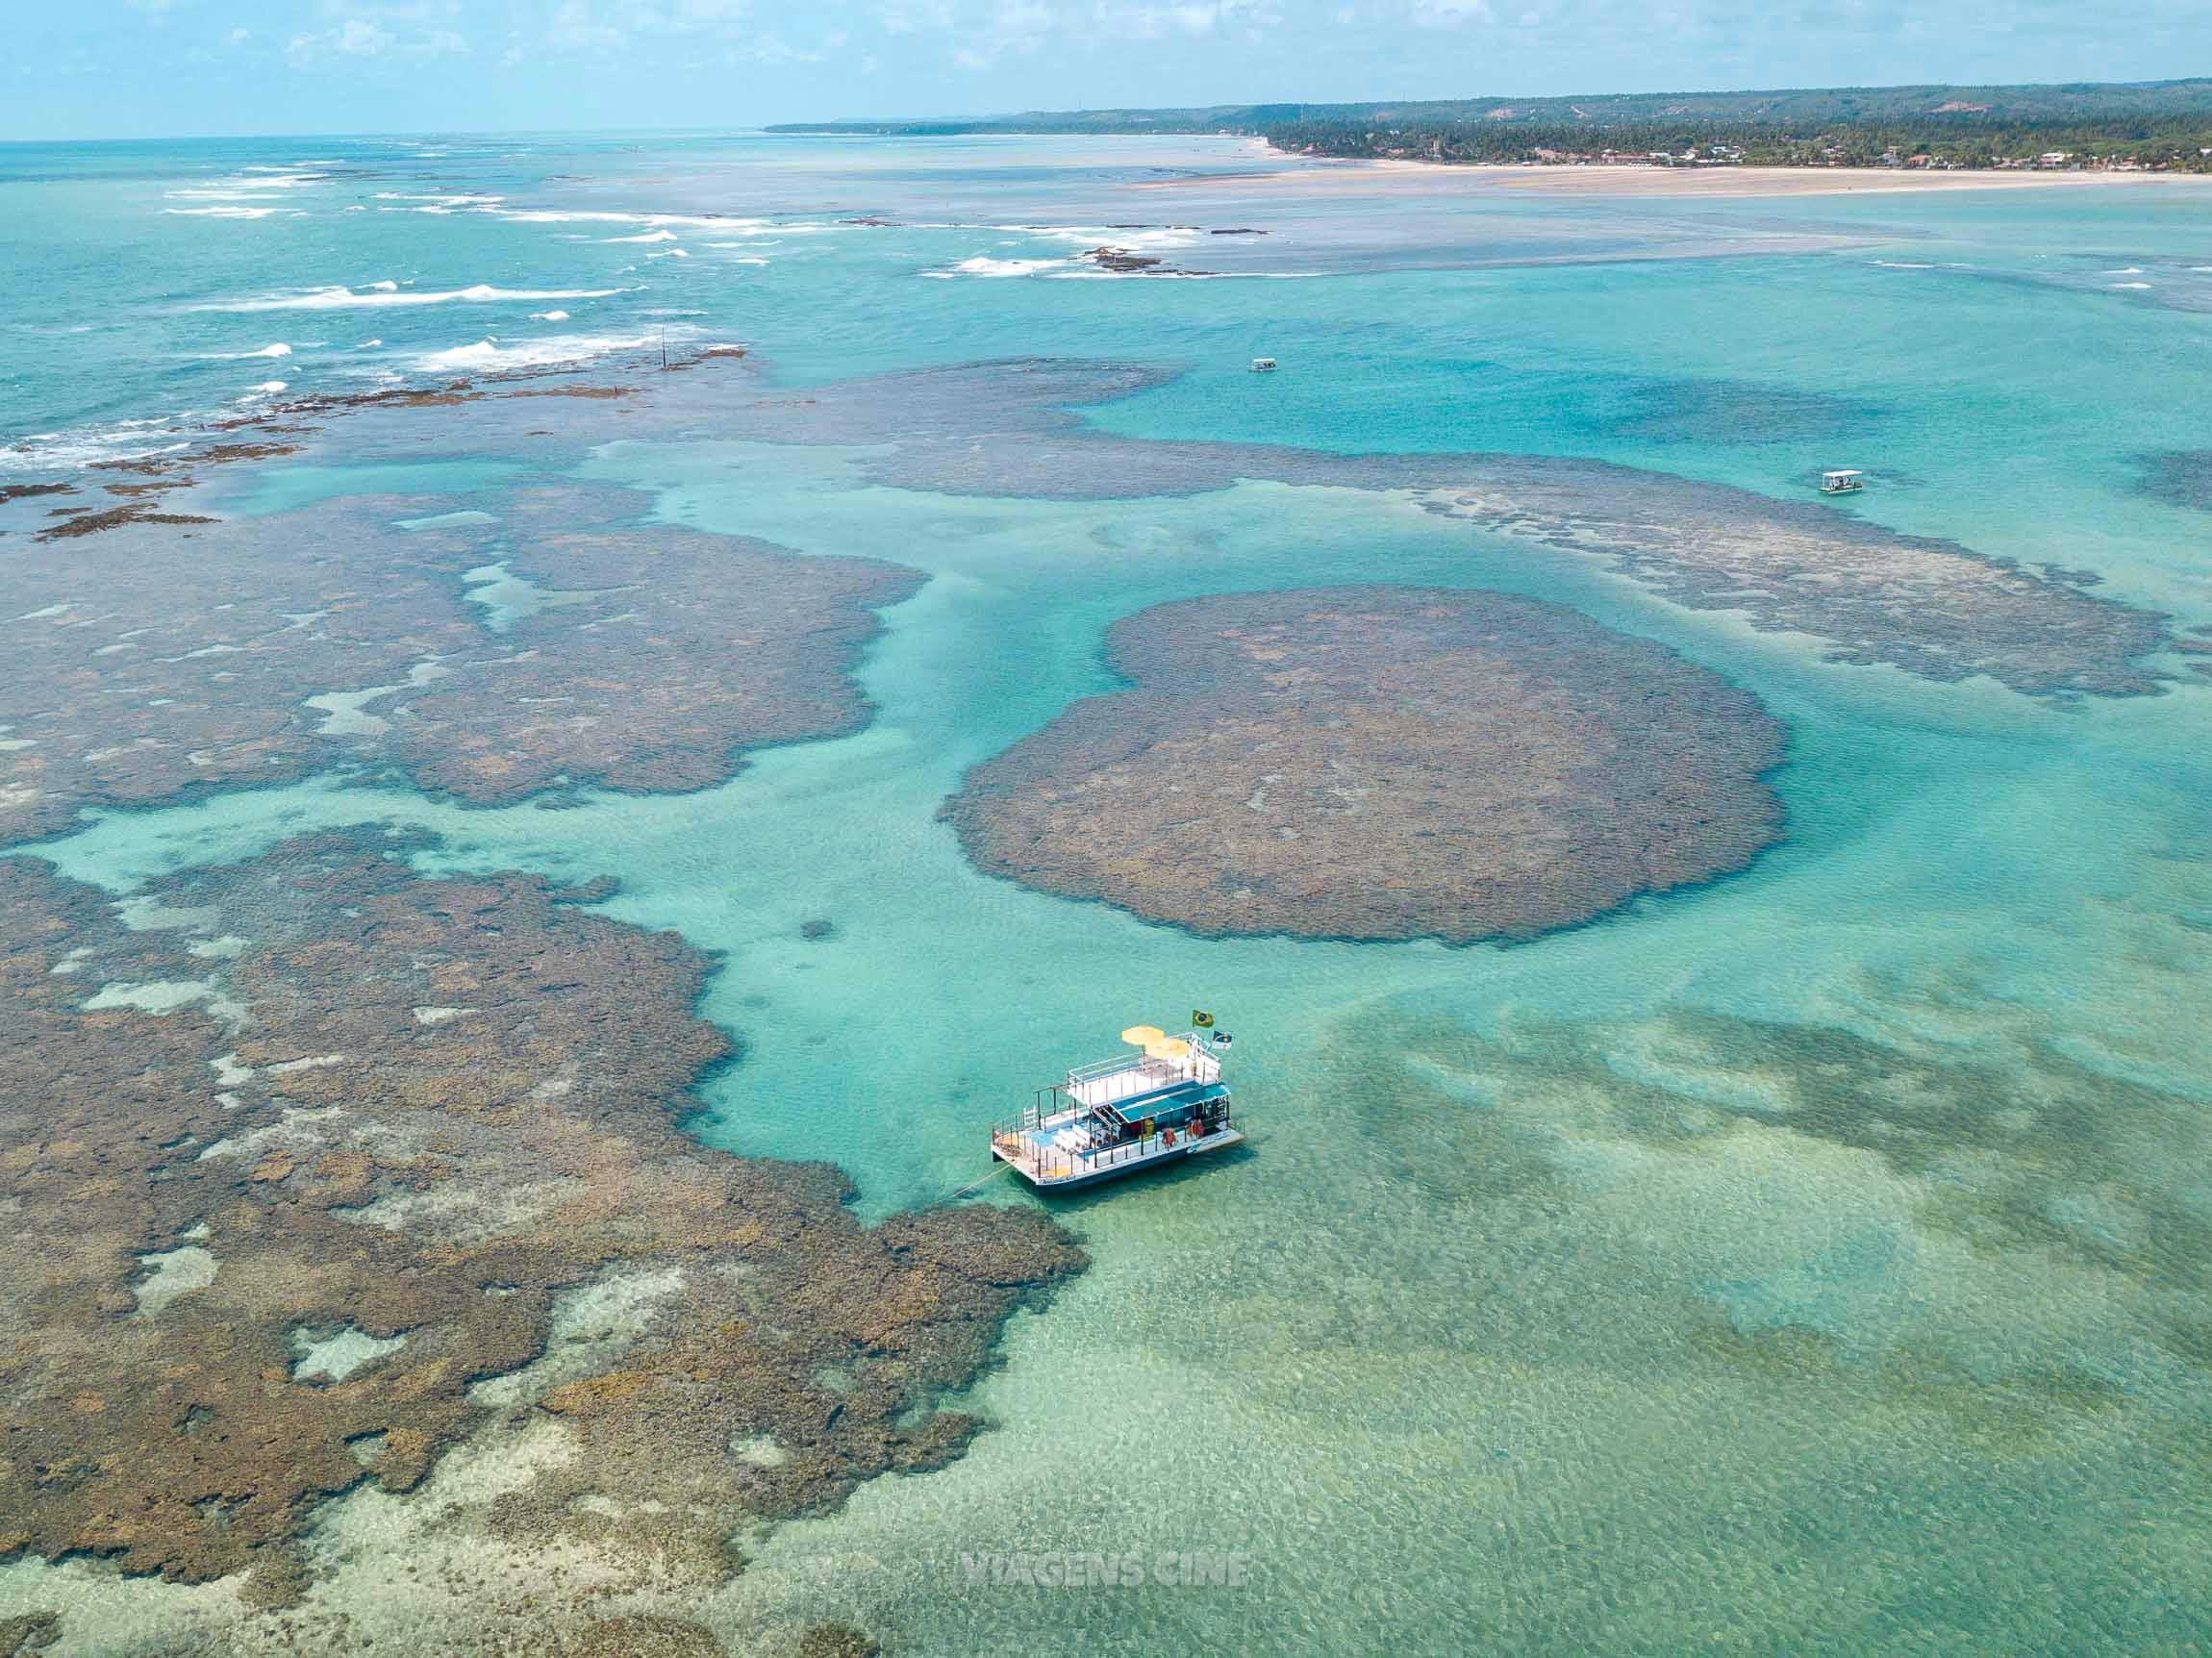 Fonte: www.viagenscinematograficas.com.br